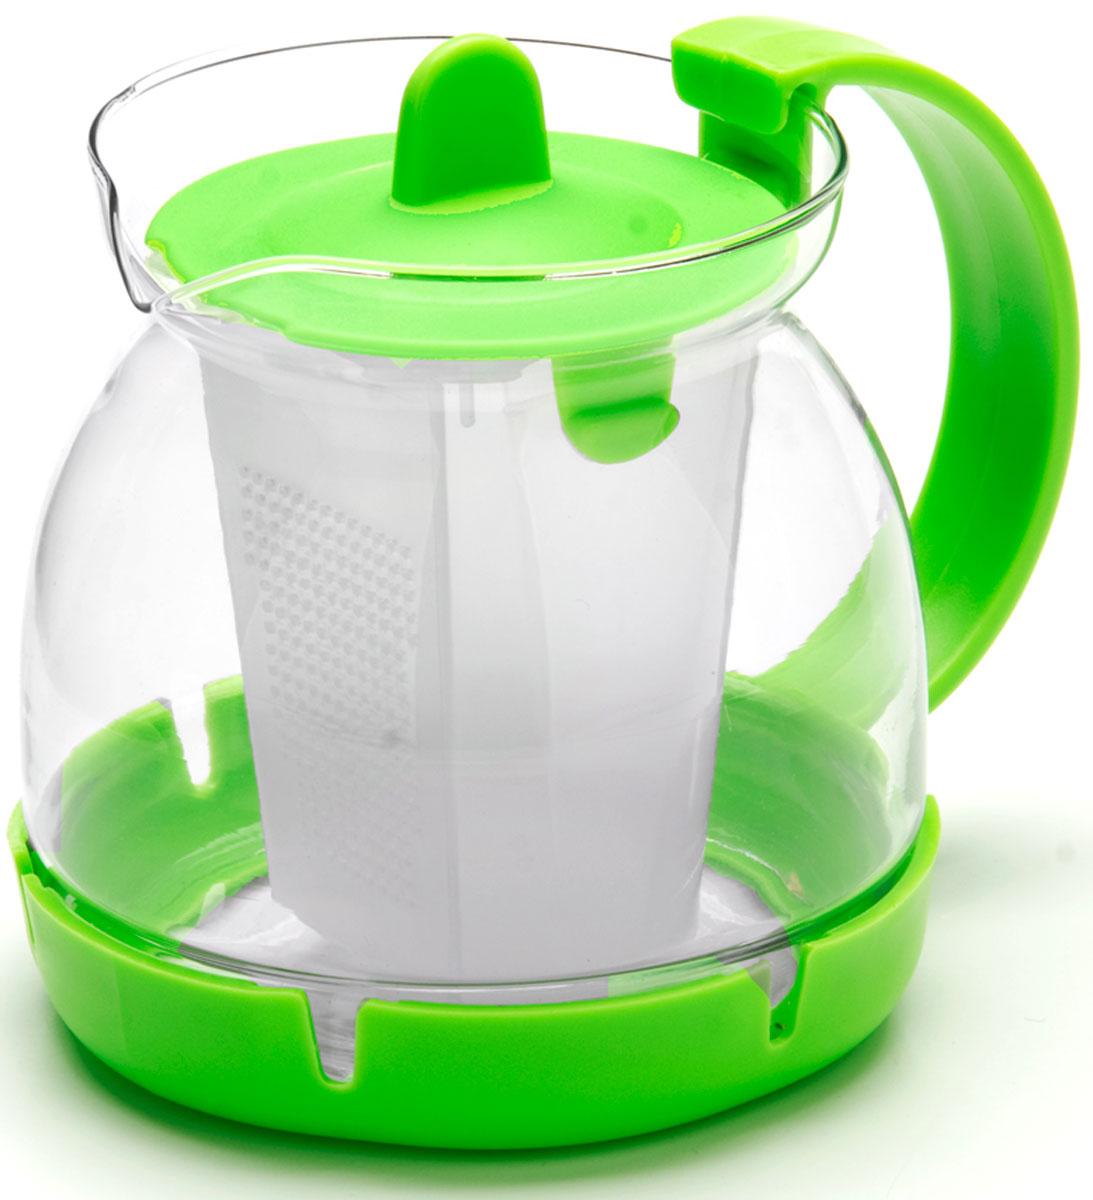 Чайник заварочный Mayer & Boch, с фильтром, 0,8 л. 26175-3VT-1520(SR)Заварочный чайник изготовлен из термостойкого боросиликатного стекла, фильтр выполнены из полипропилена. Изделия из стекла не впитывают запахи, благодаря чему вы всегда получите натуральный, насыщенный вкус и аромат напитков. Фильтр гарантирует прозрачность и чистоту напитка от чайных листьев, при этом сохранив букет и насыщенность чая. Подходит для мытья в посудомоечной машине.Объем чайника: 800 мл.